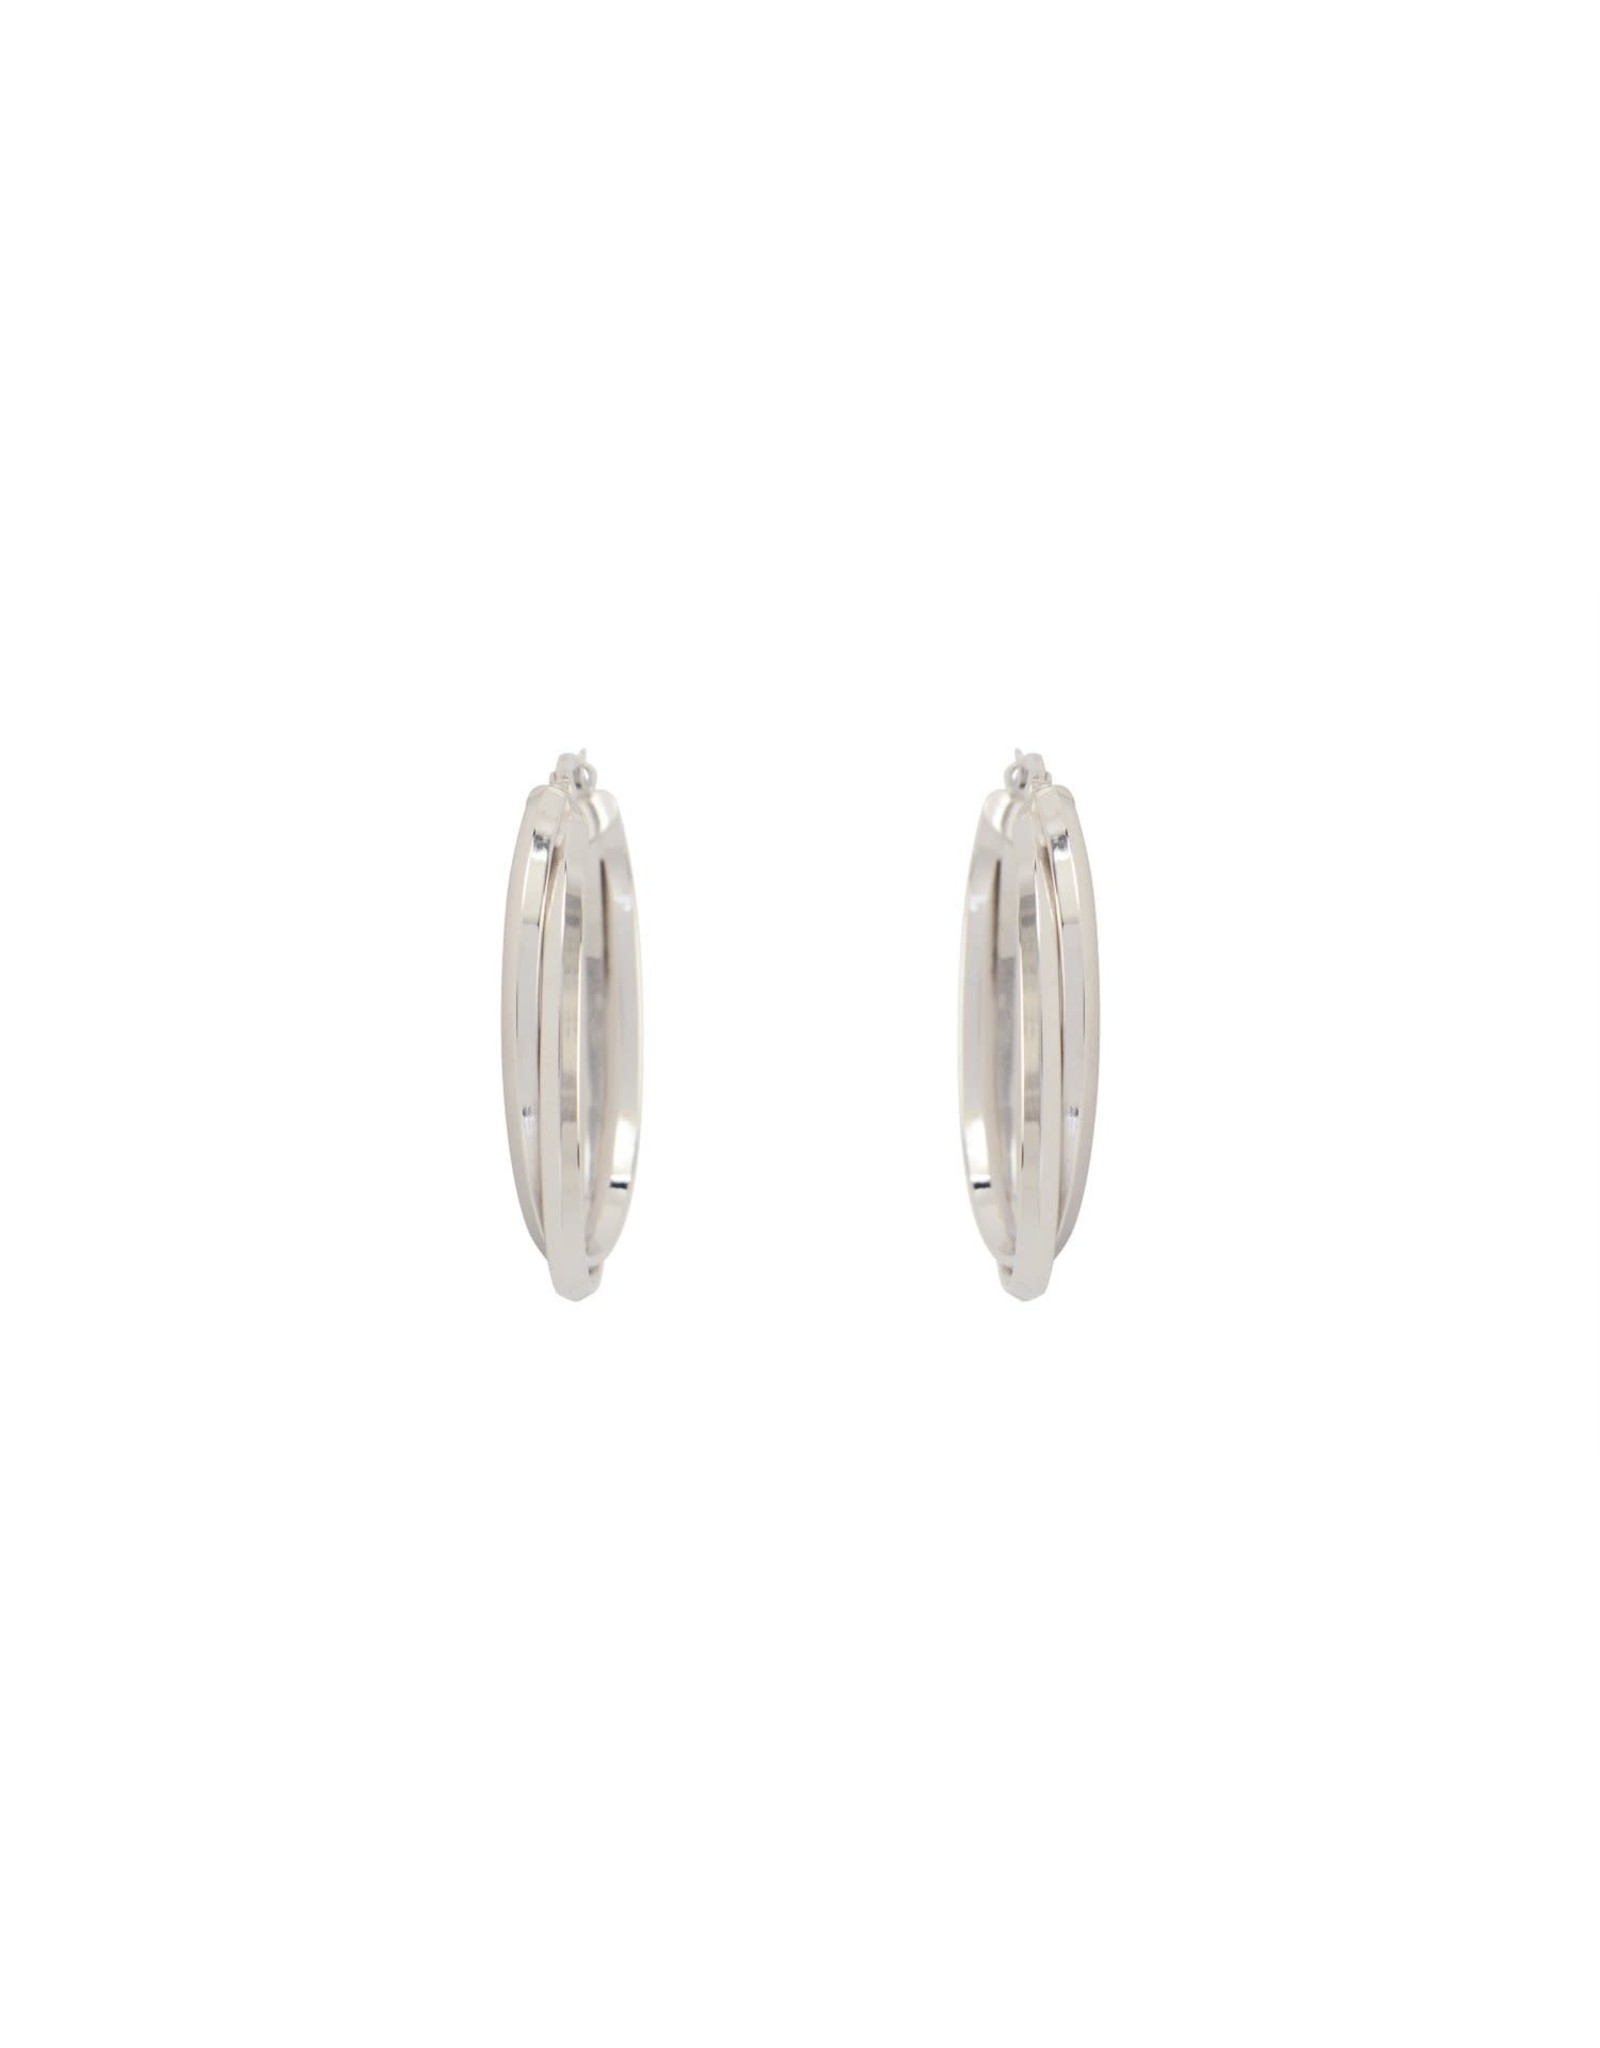 Boucles d'oreilles Anneaux Ovales double croisé Or blanc 10K